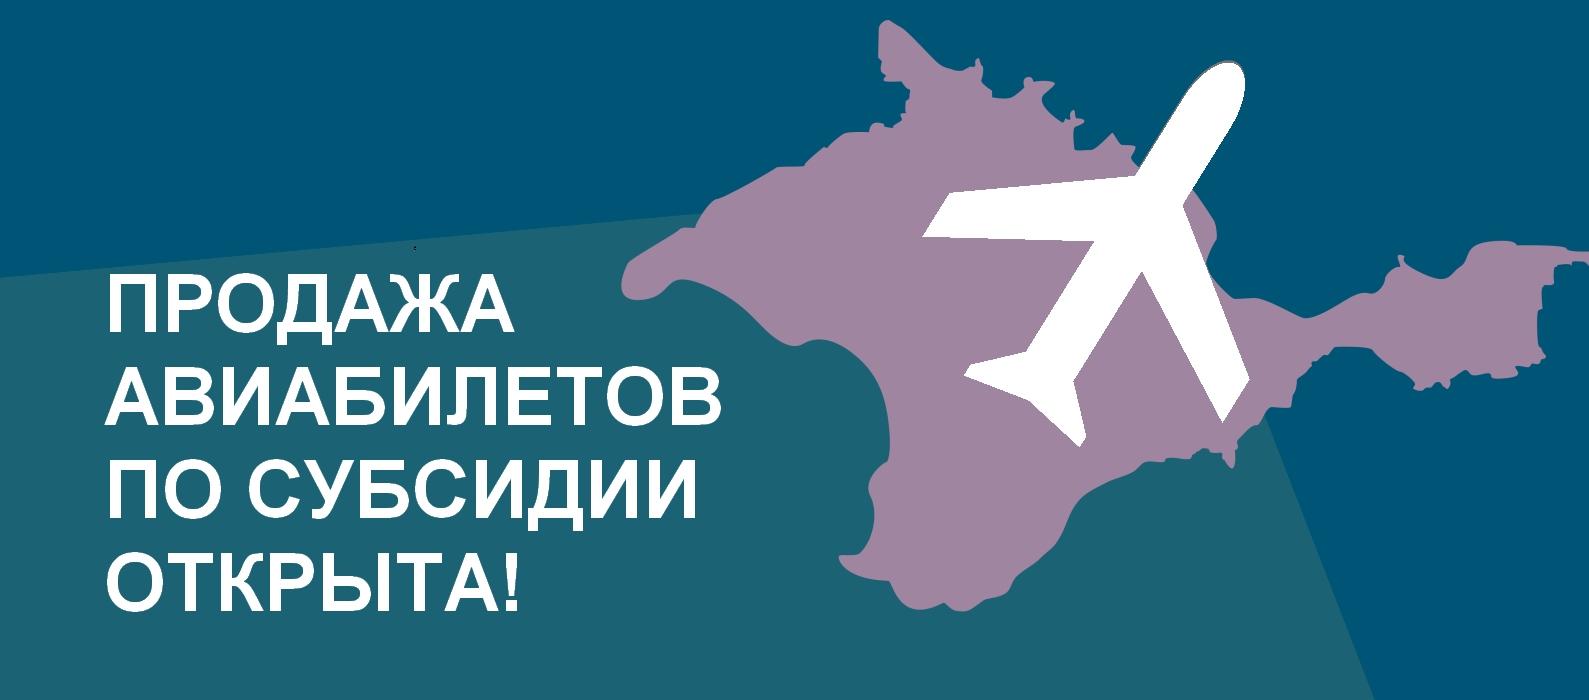 Купить дешевые субсидированные авиабилеты в Крым 2017